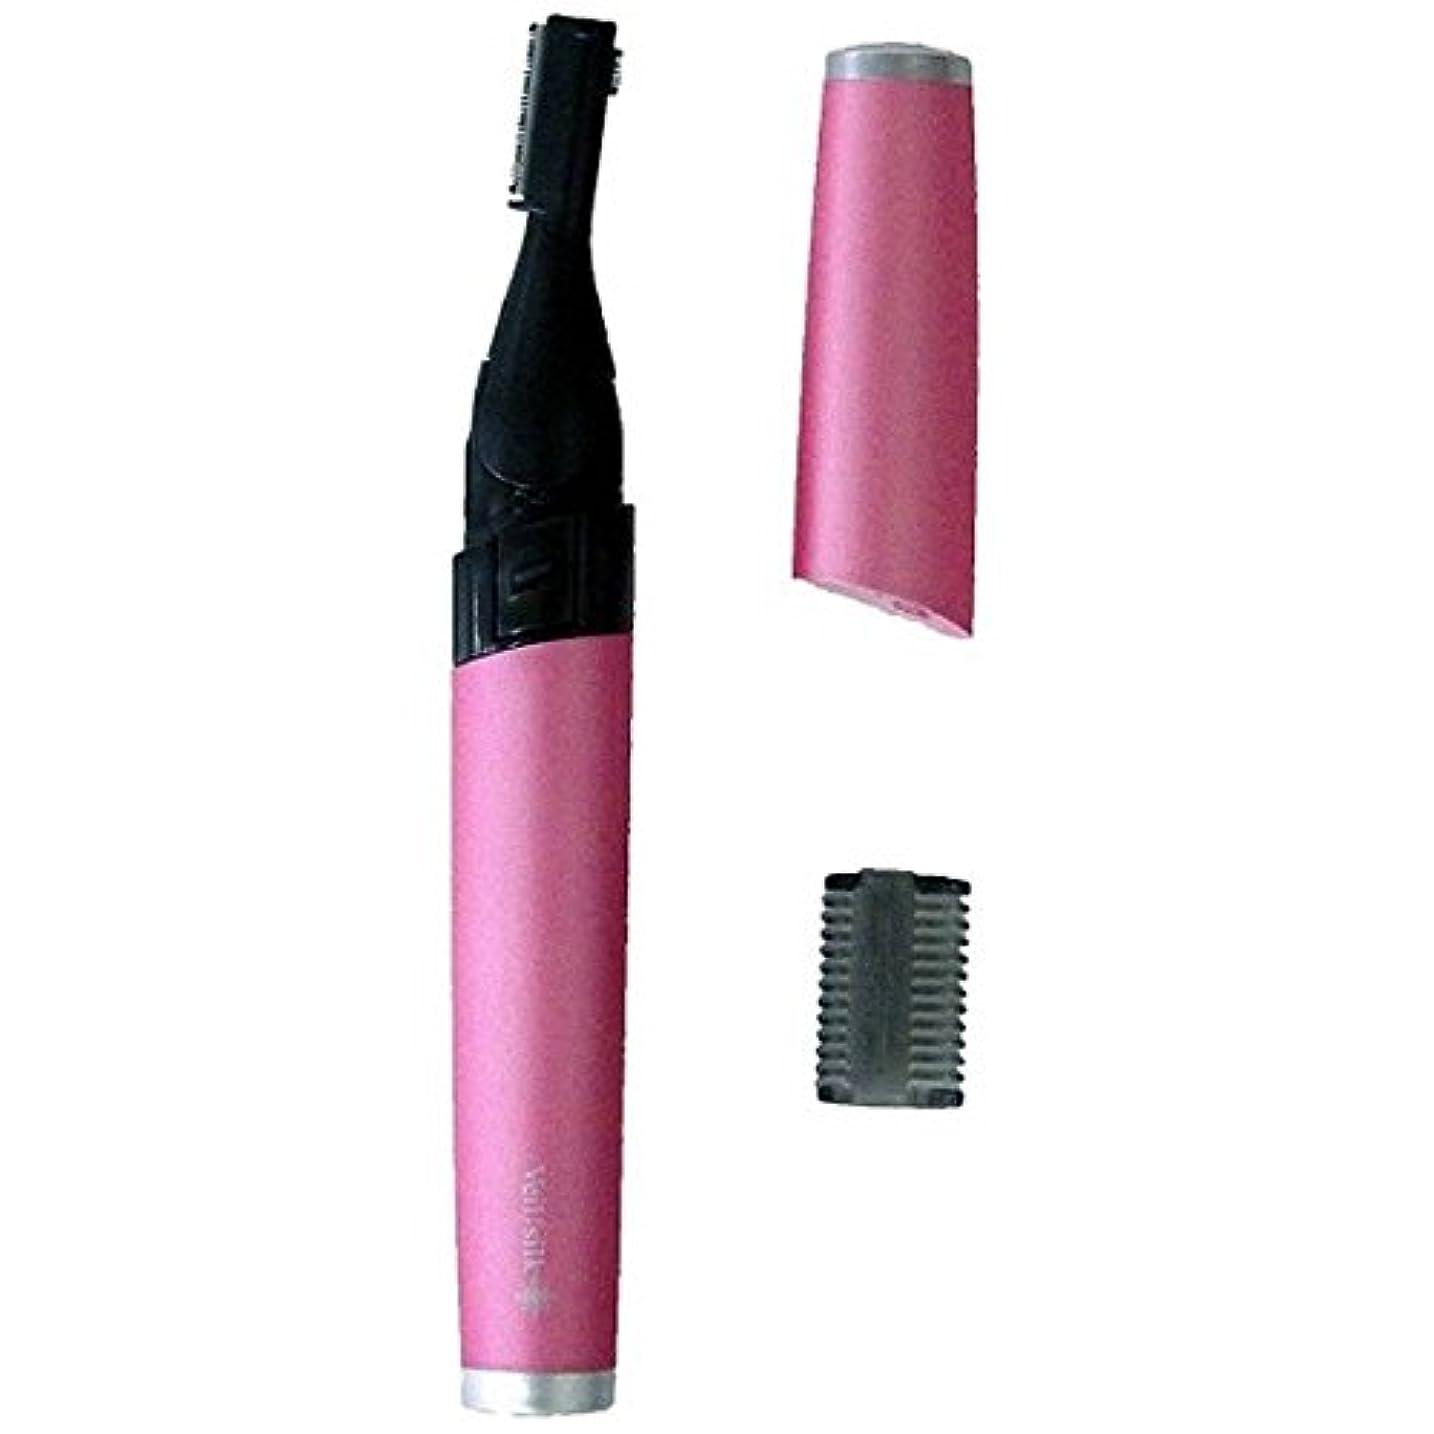 ミュウミュウサドル処方するイズミ フェイスシェーバー (ピンク)IZUMI Veil:silk(ヴェルシルク) GR-AF127-P